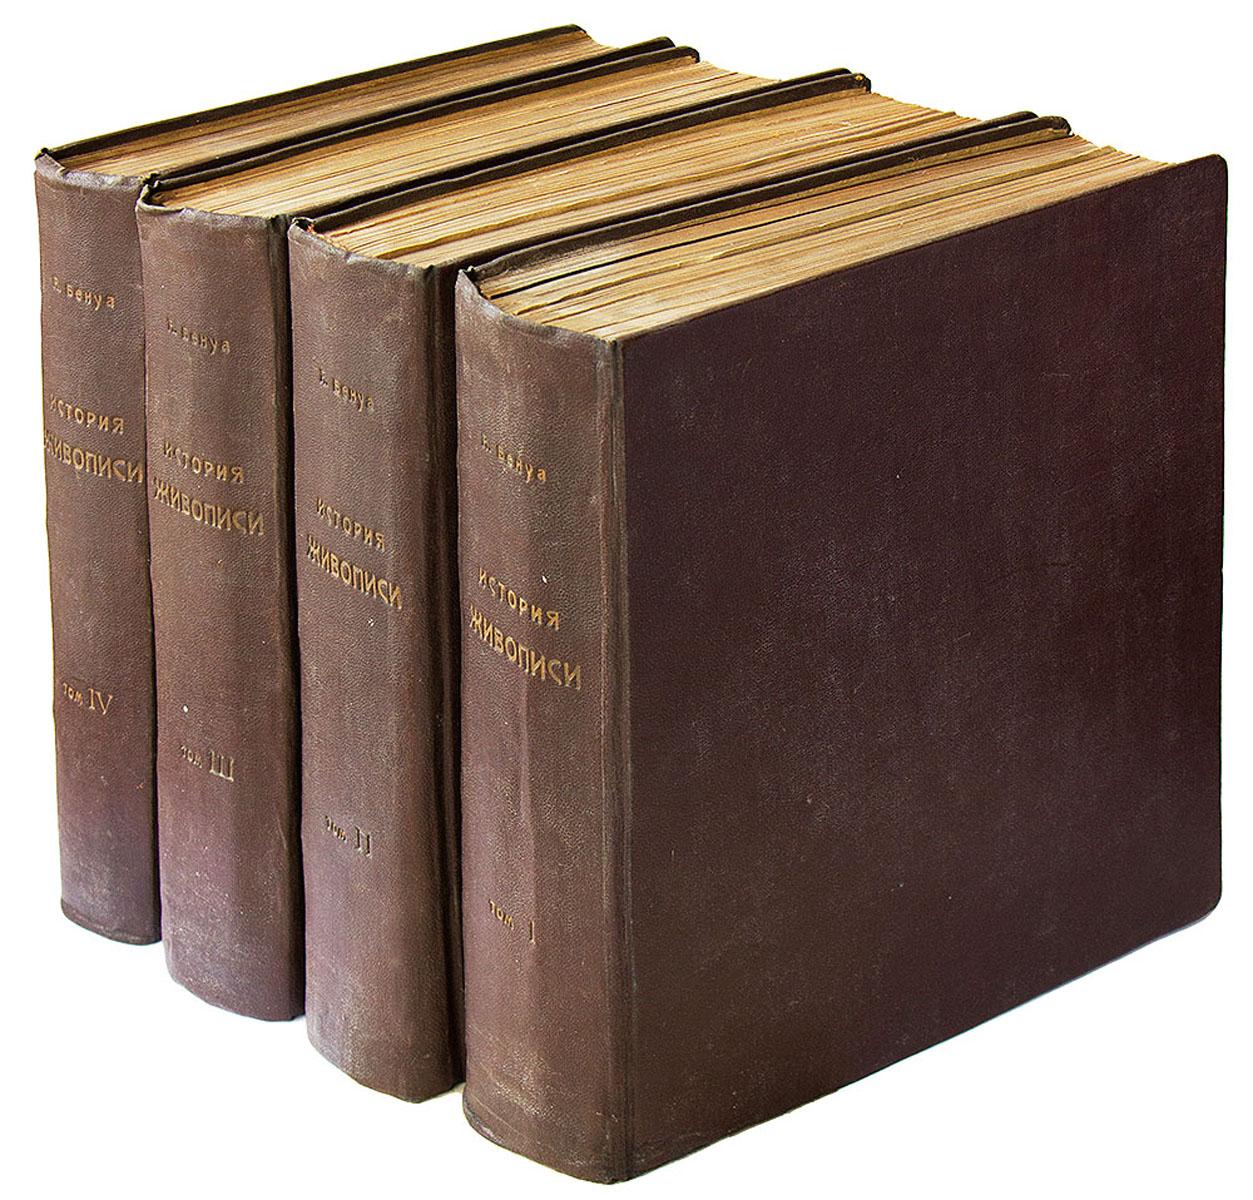 История живописи всех времен и народов. В 4-х томах. Комплект история искусства всех времен и народов в 3 томах комплект из 3 книг